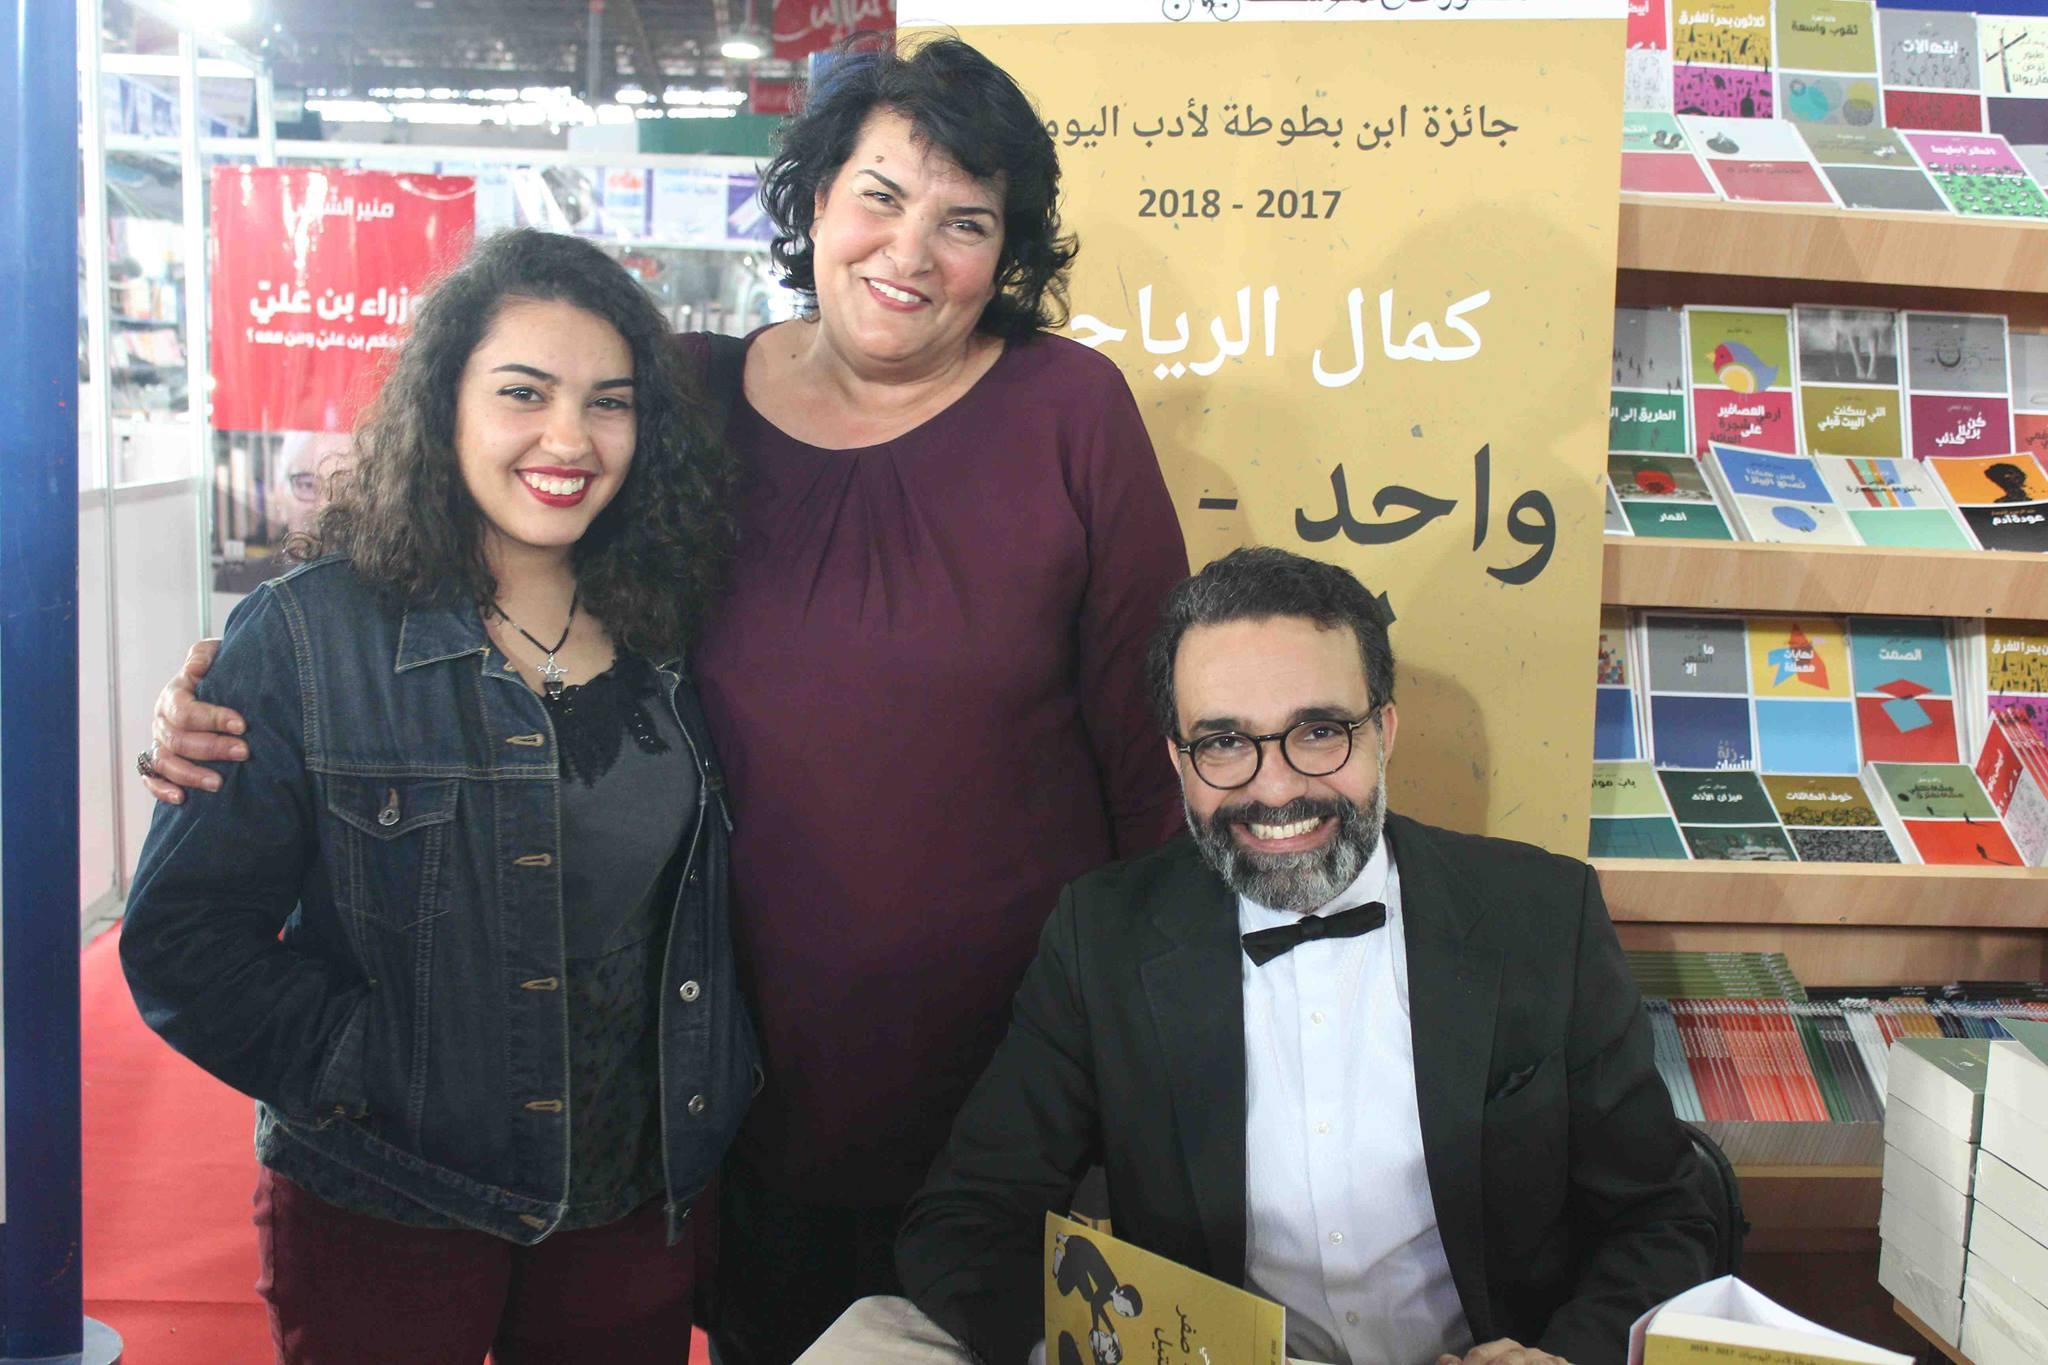 كمال الرياحى يوقع كتابه واحد صفر للقتيل الفائز بجائزة ابن بطوطة فى معرض تونس (34)